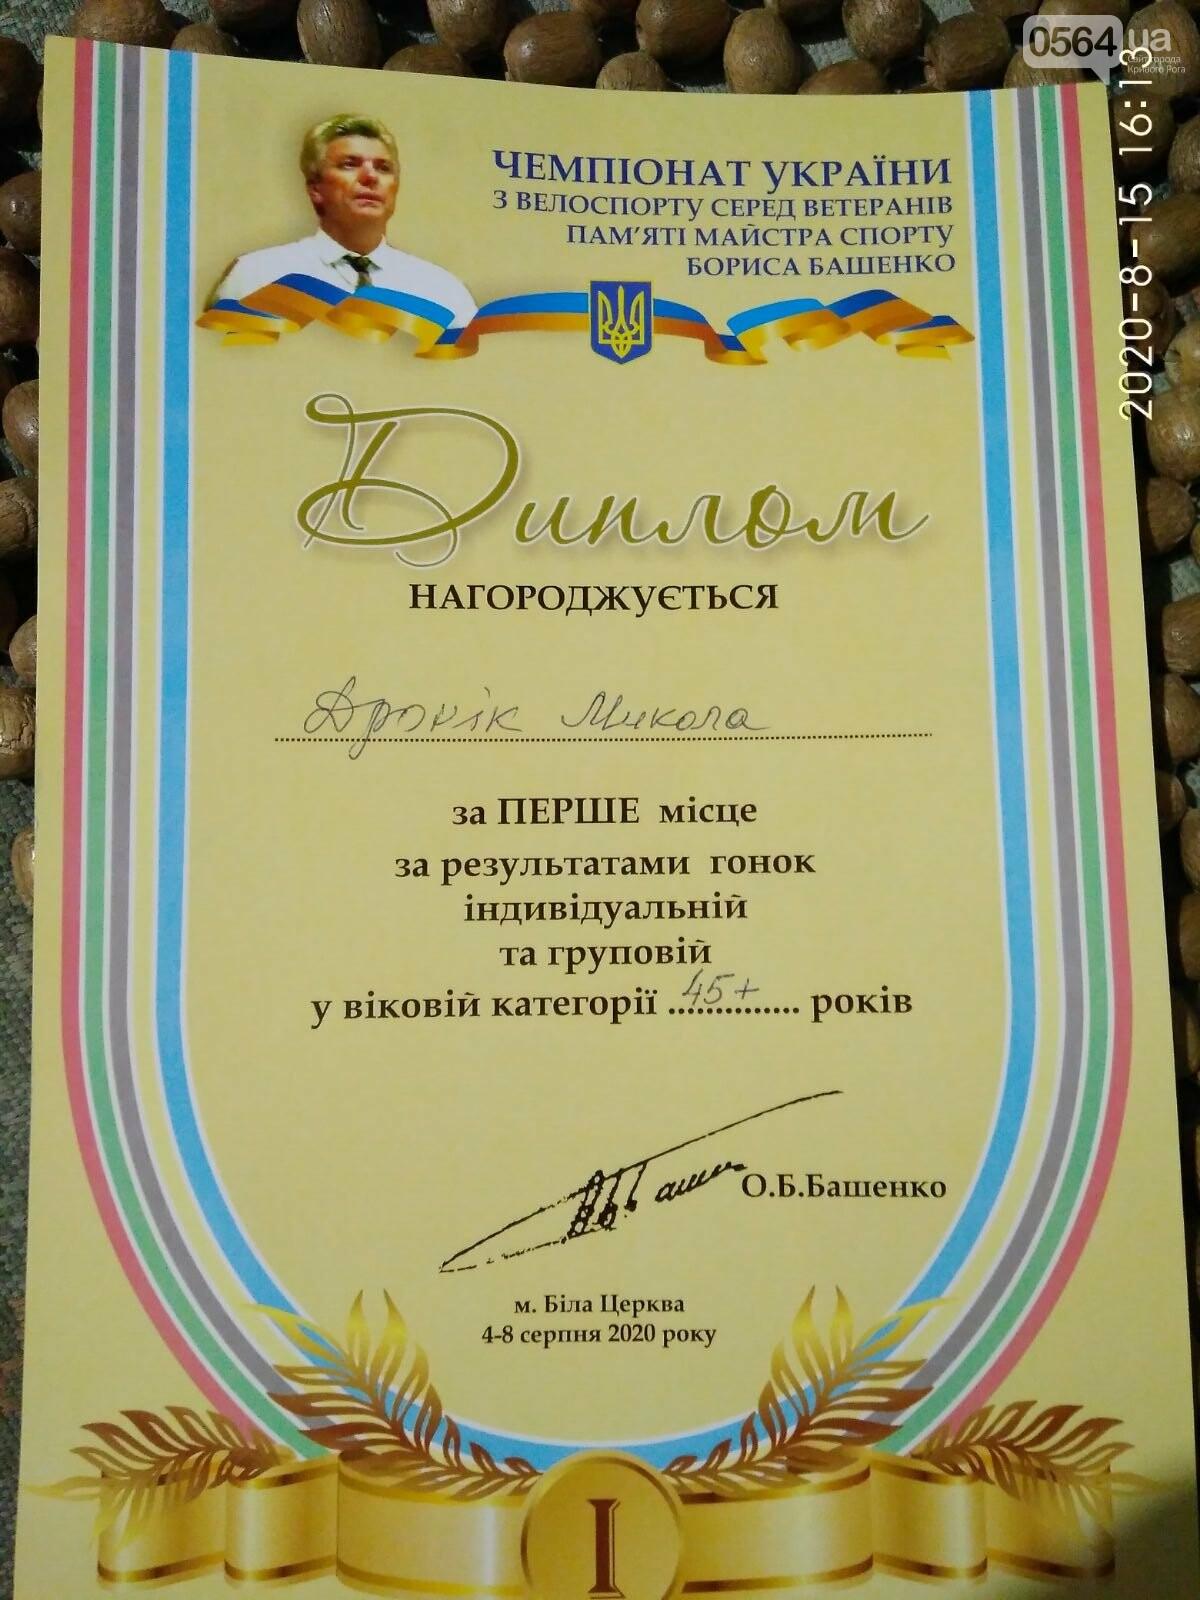 Велогонщики из Кривого Рога стали лучшими на чемпионате Украины среди ветеранов, - ФОТО, фото-4